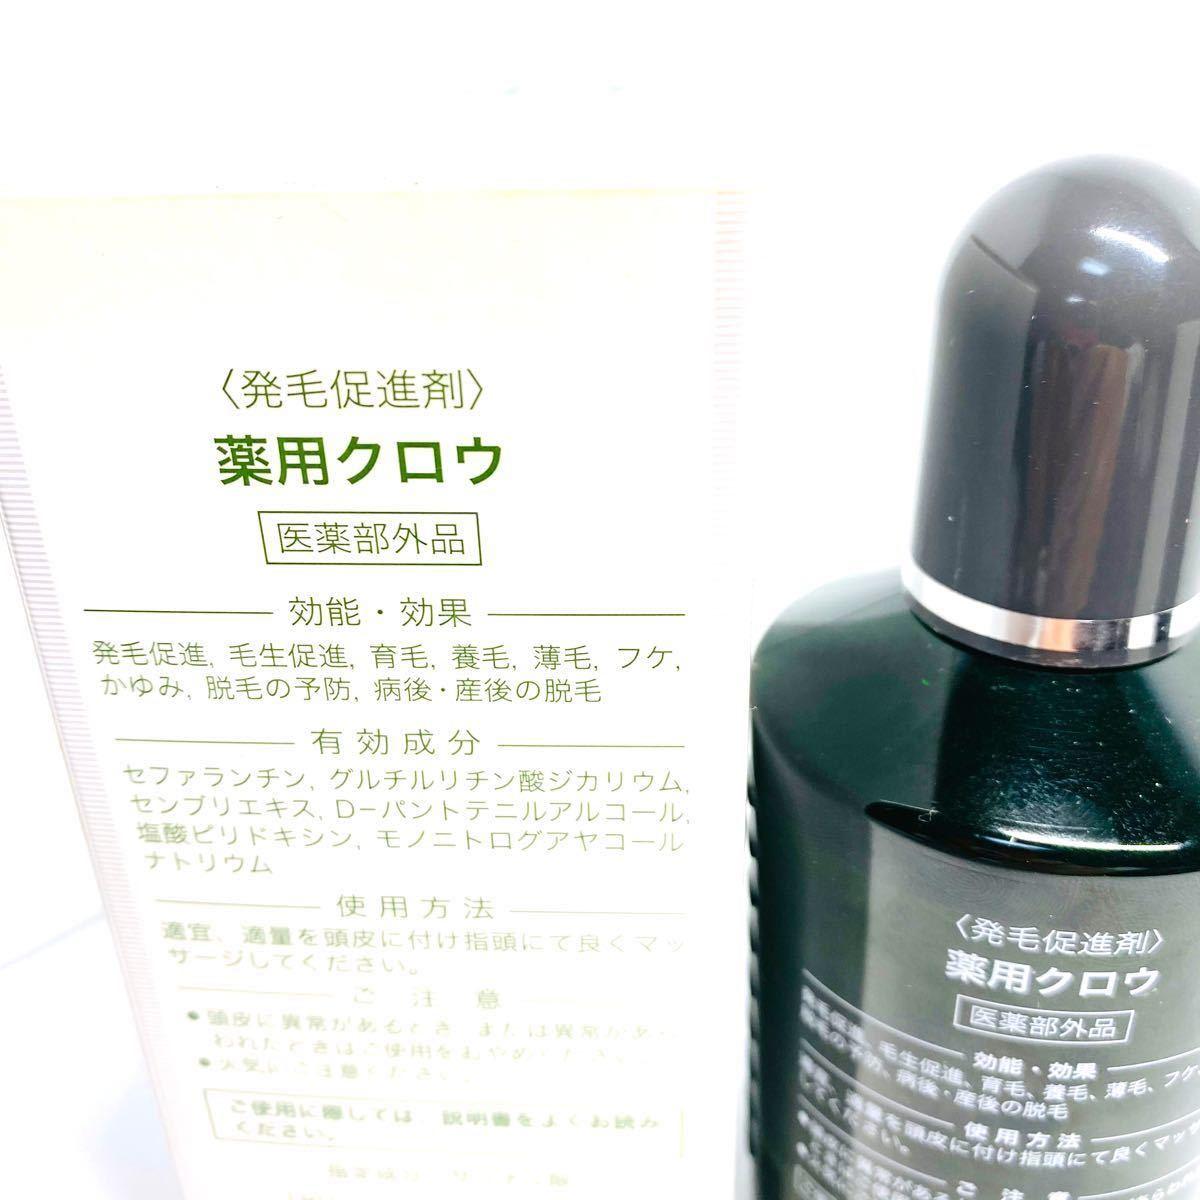 ヘアケア 発毛促進剤 薬用 クロウ 医薬部外品 2本セット!